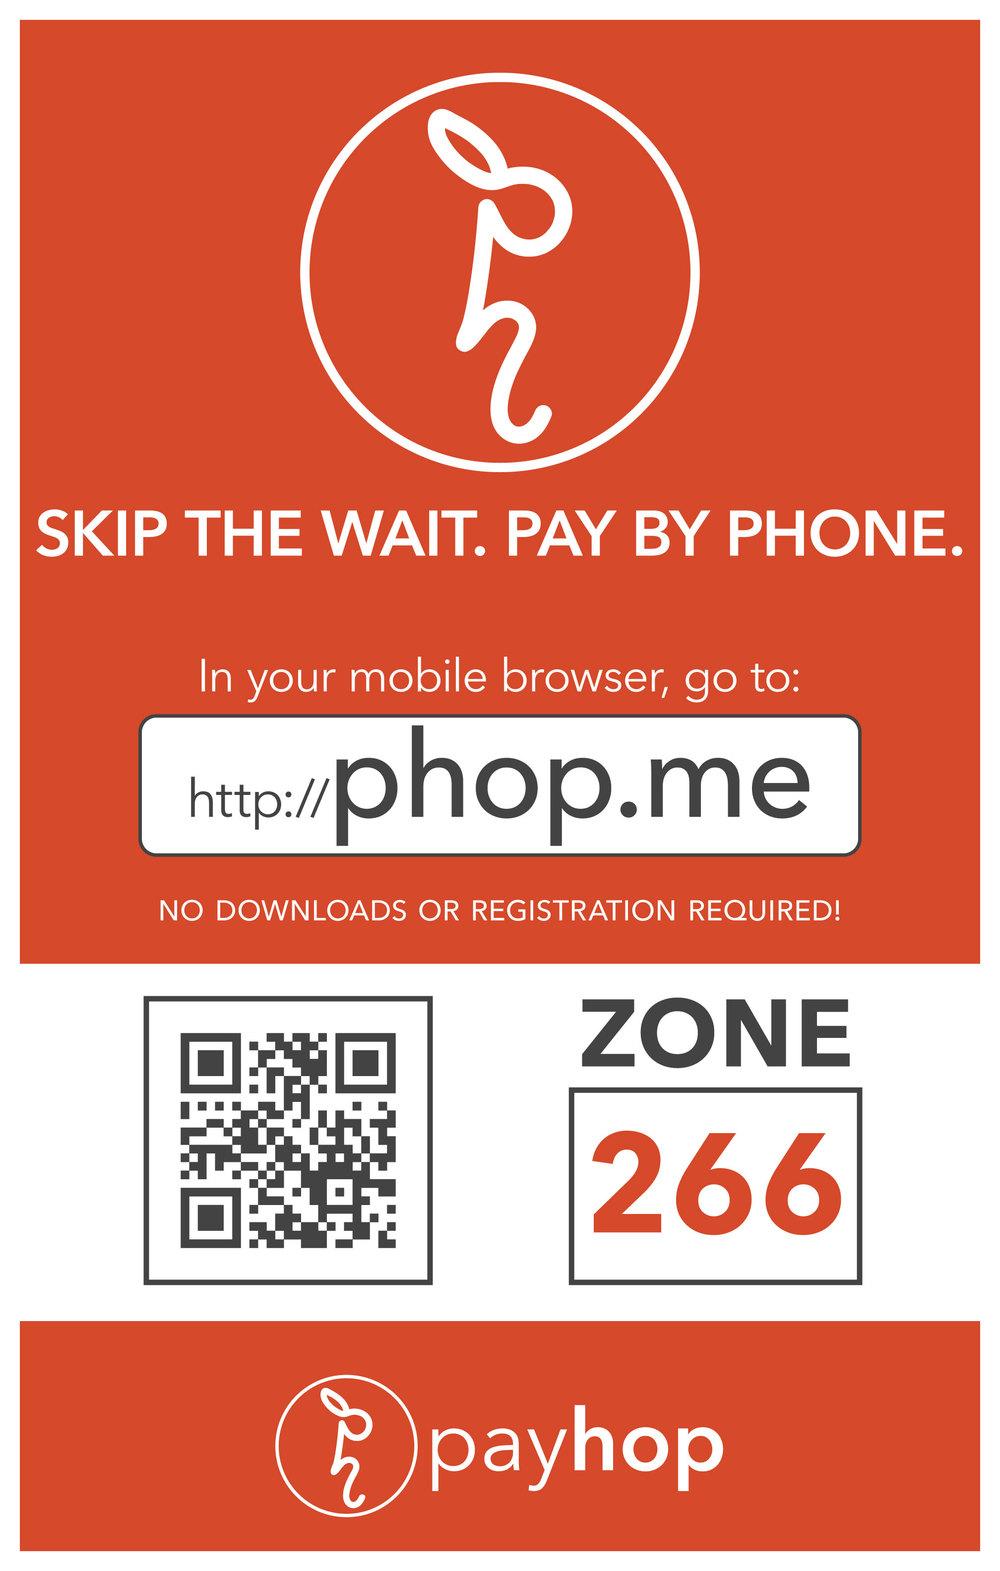 Payhop-12thVine-Signage.jpg